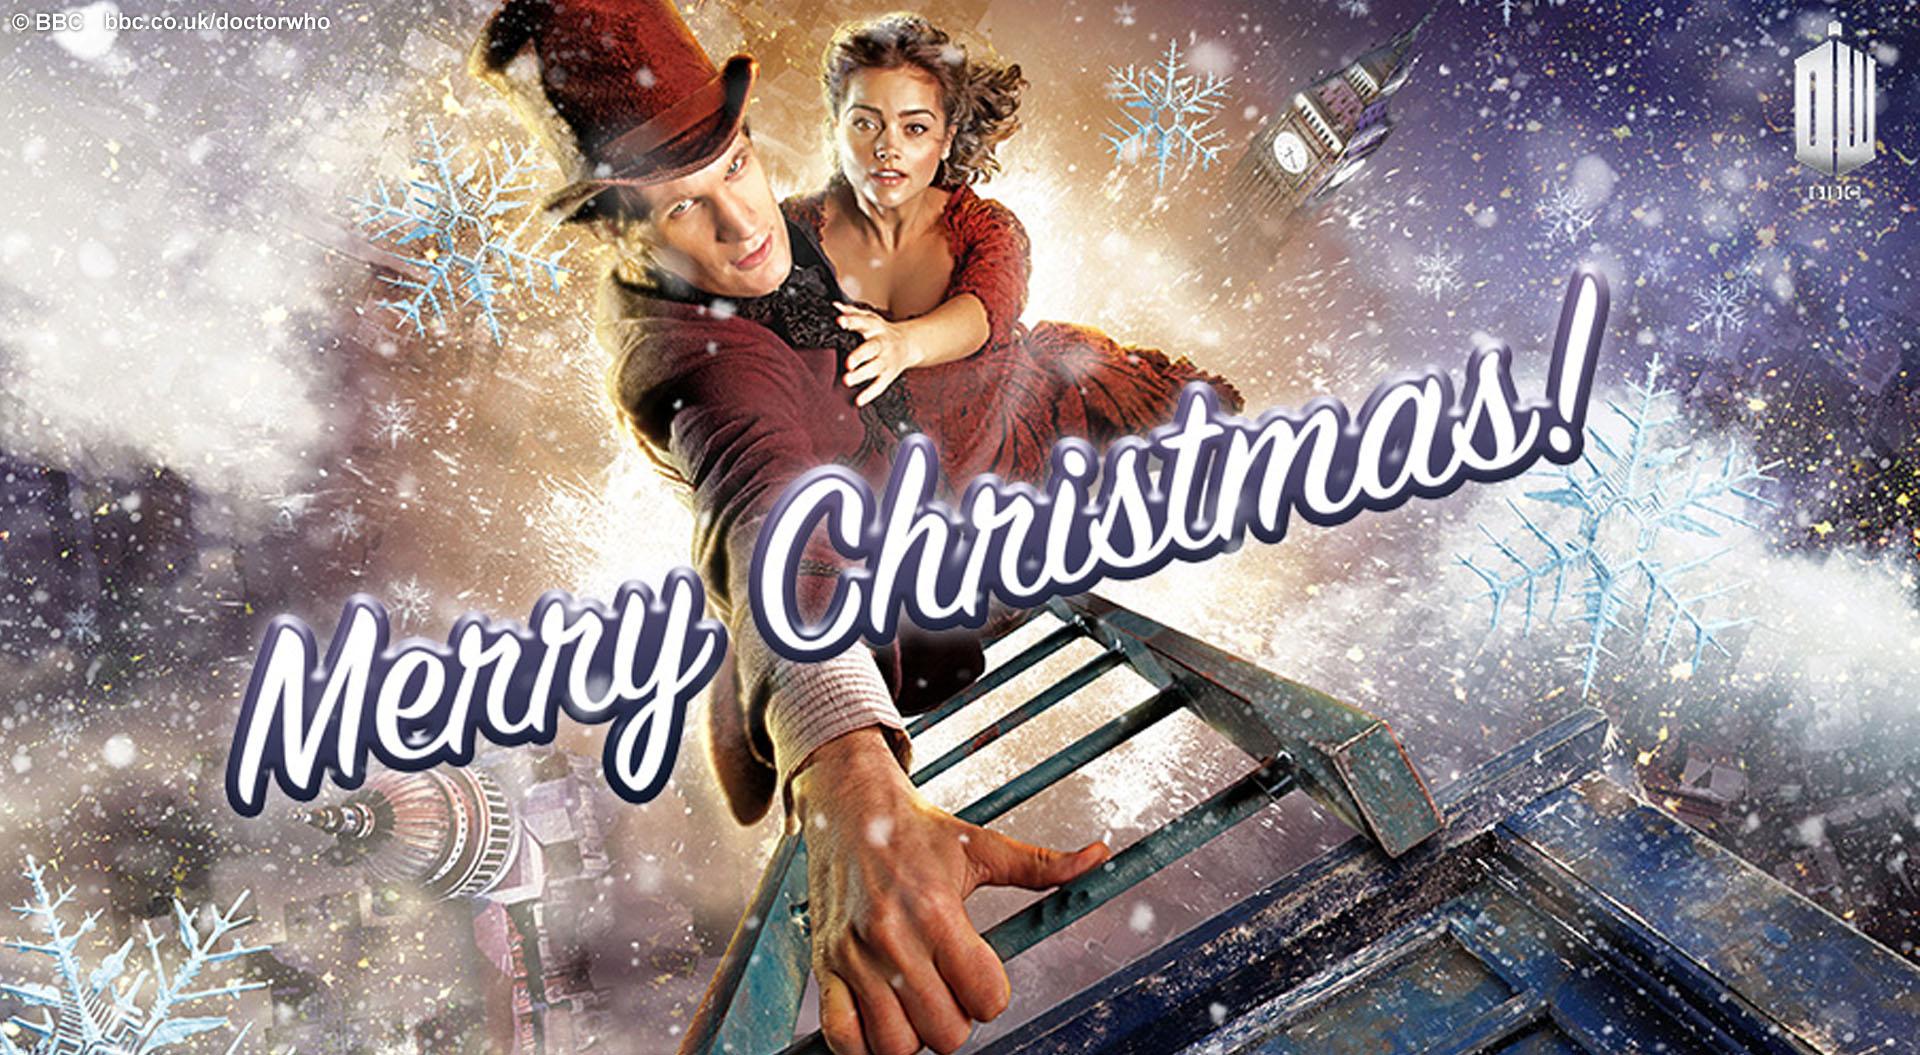 Da 13 Calendario Especial de Navidad Spoliers y wallpapers 1920x1055